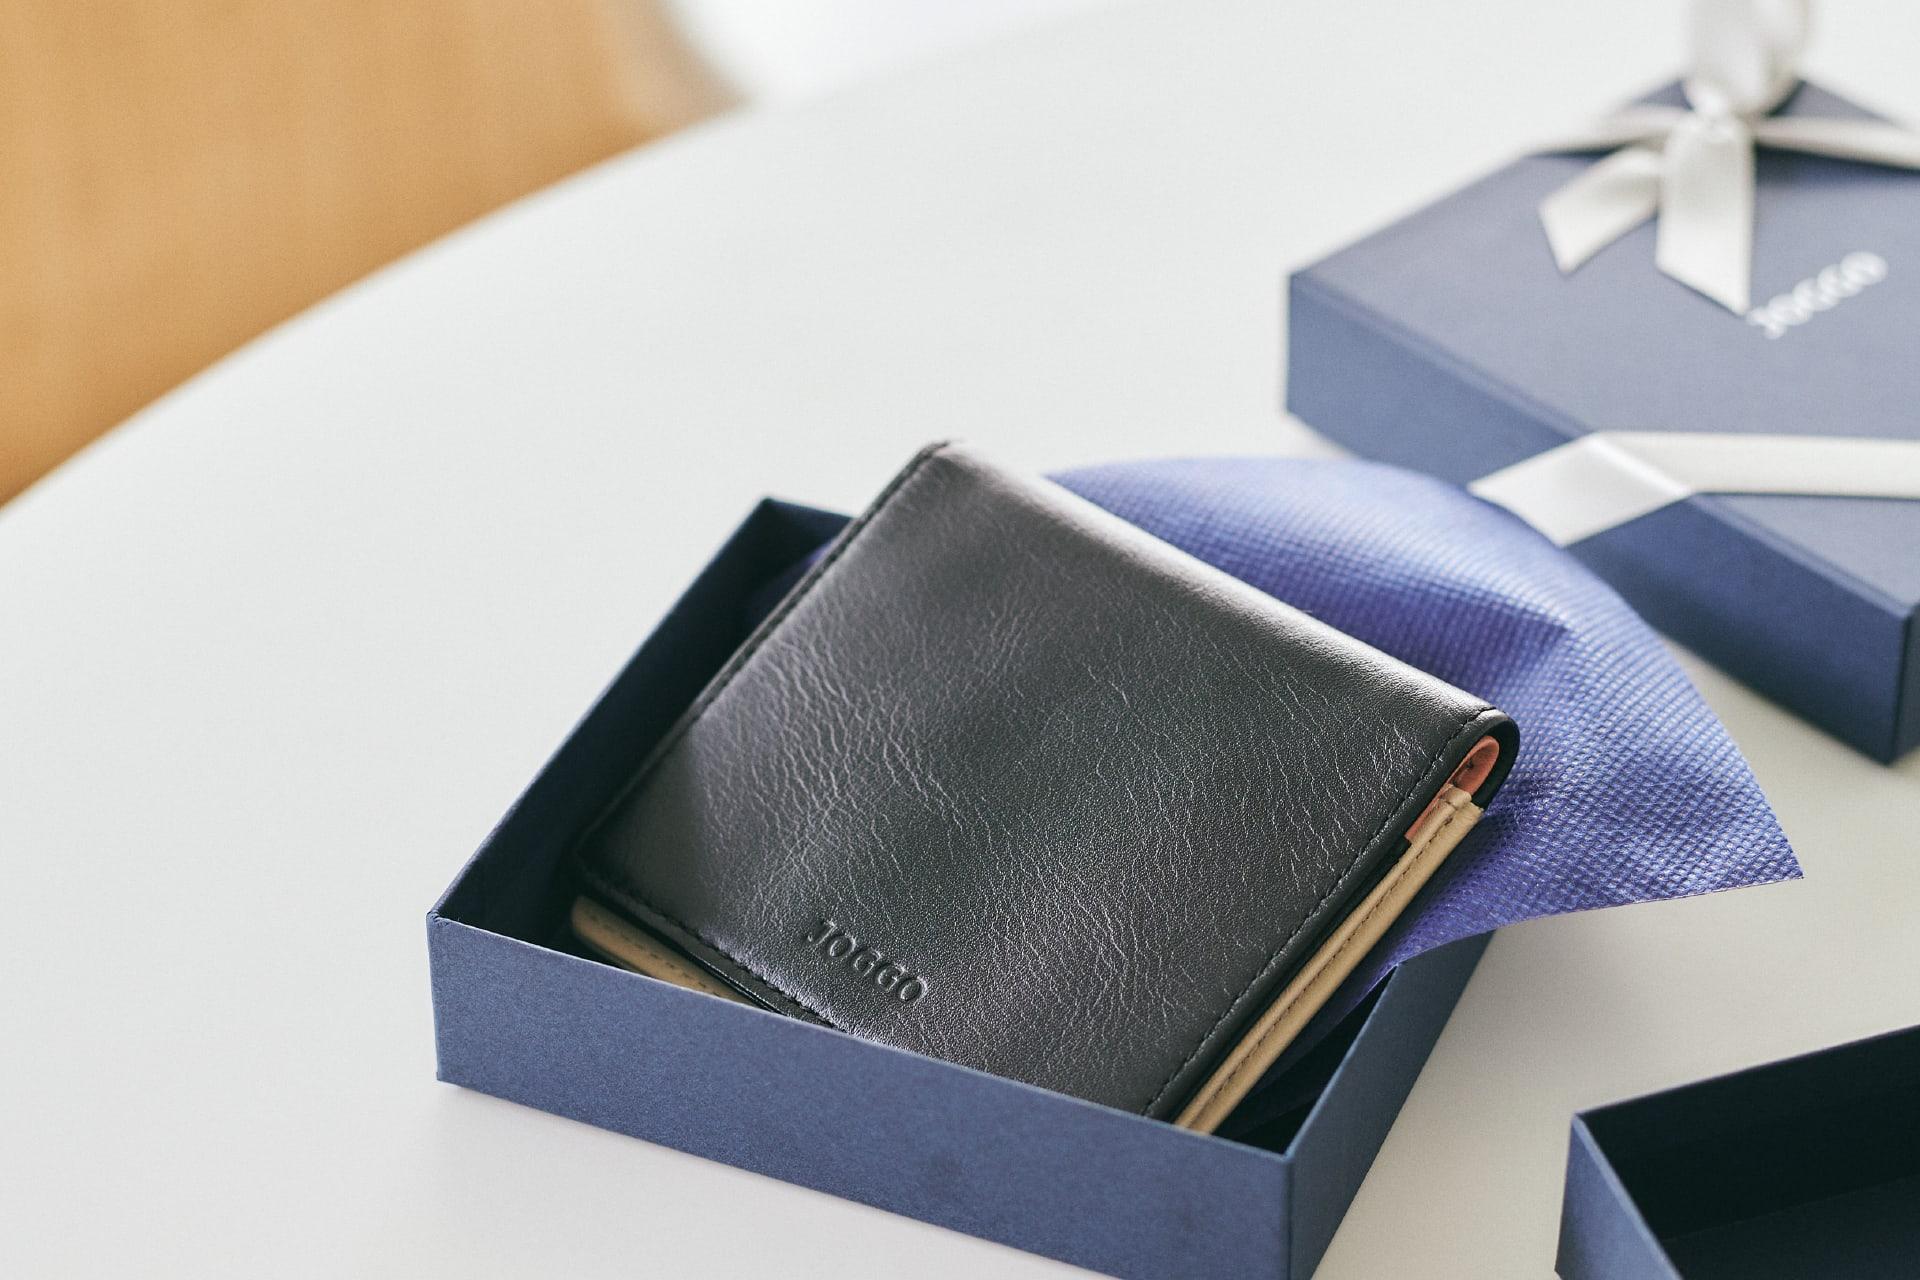 新商品「二つ折りミニ財布」究極の薄さを実現したミニウォレット発売 image01